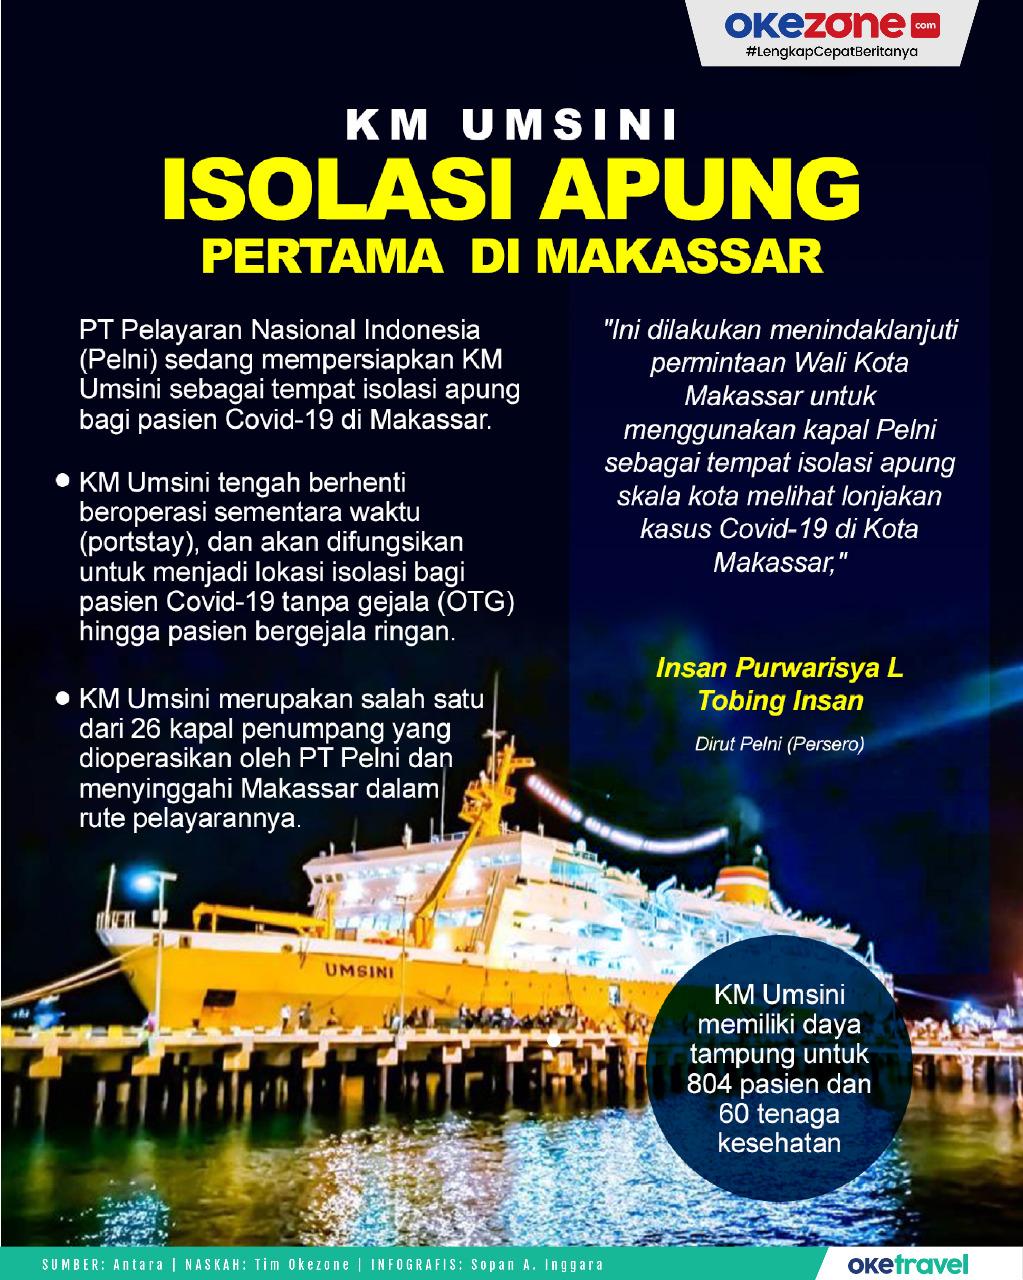 KM Umsini, Isolasi Apung Pertama di Makassar -